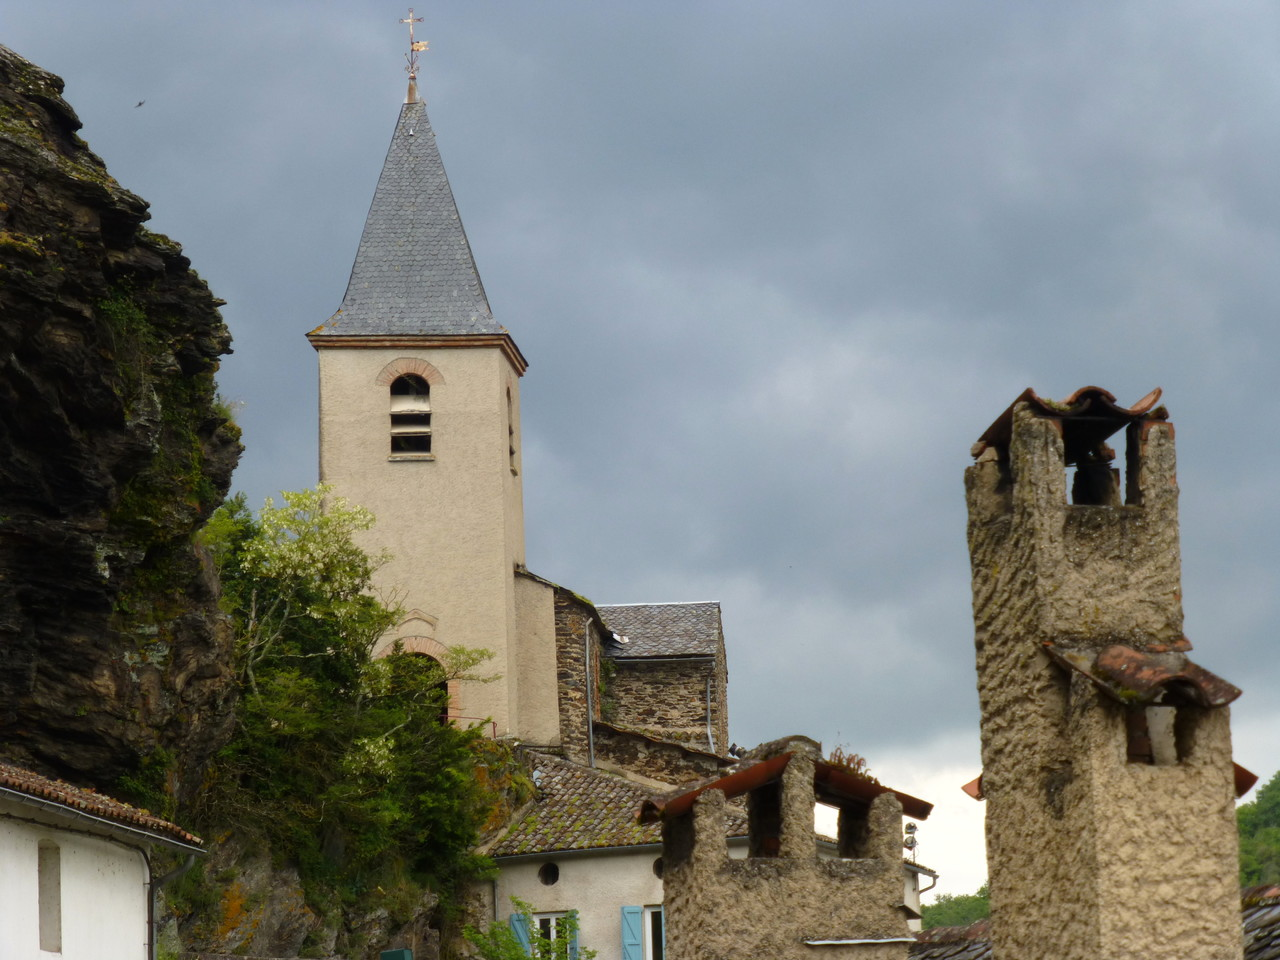 Eglise d'Ambialet